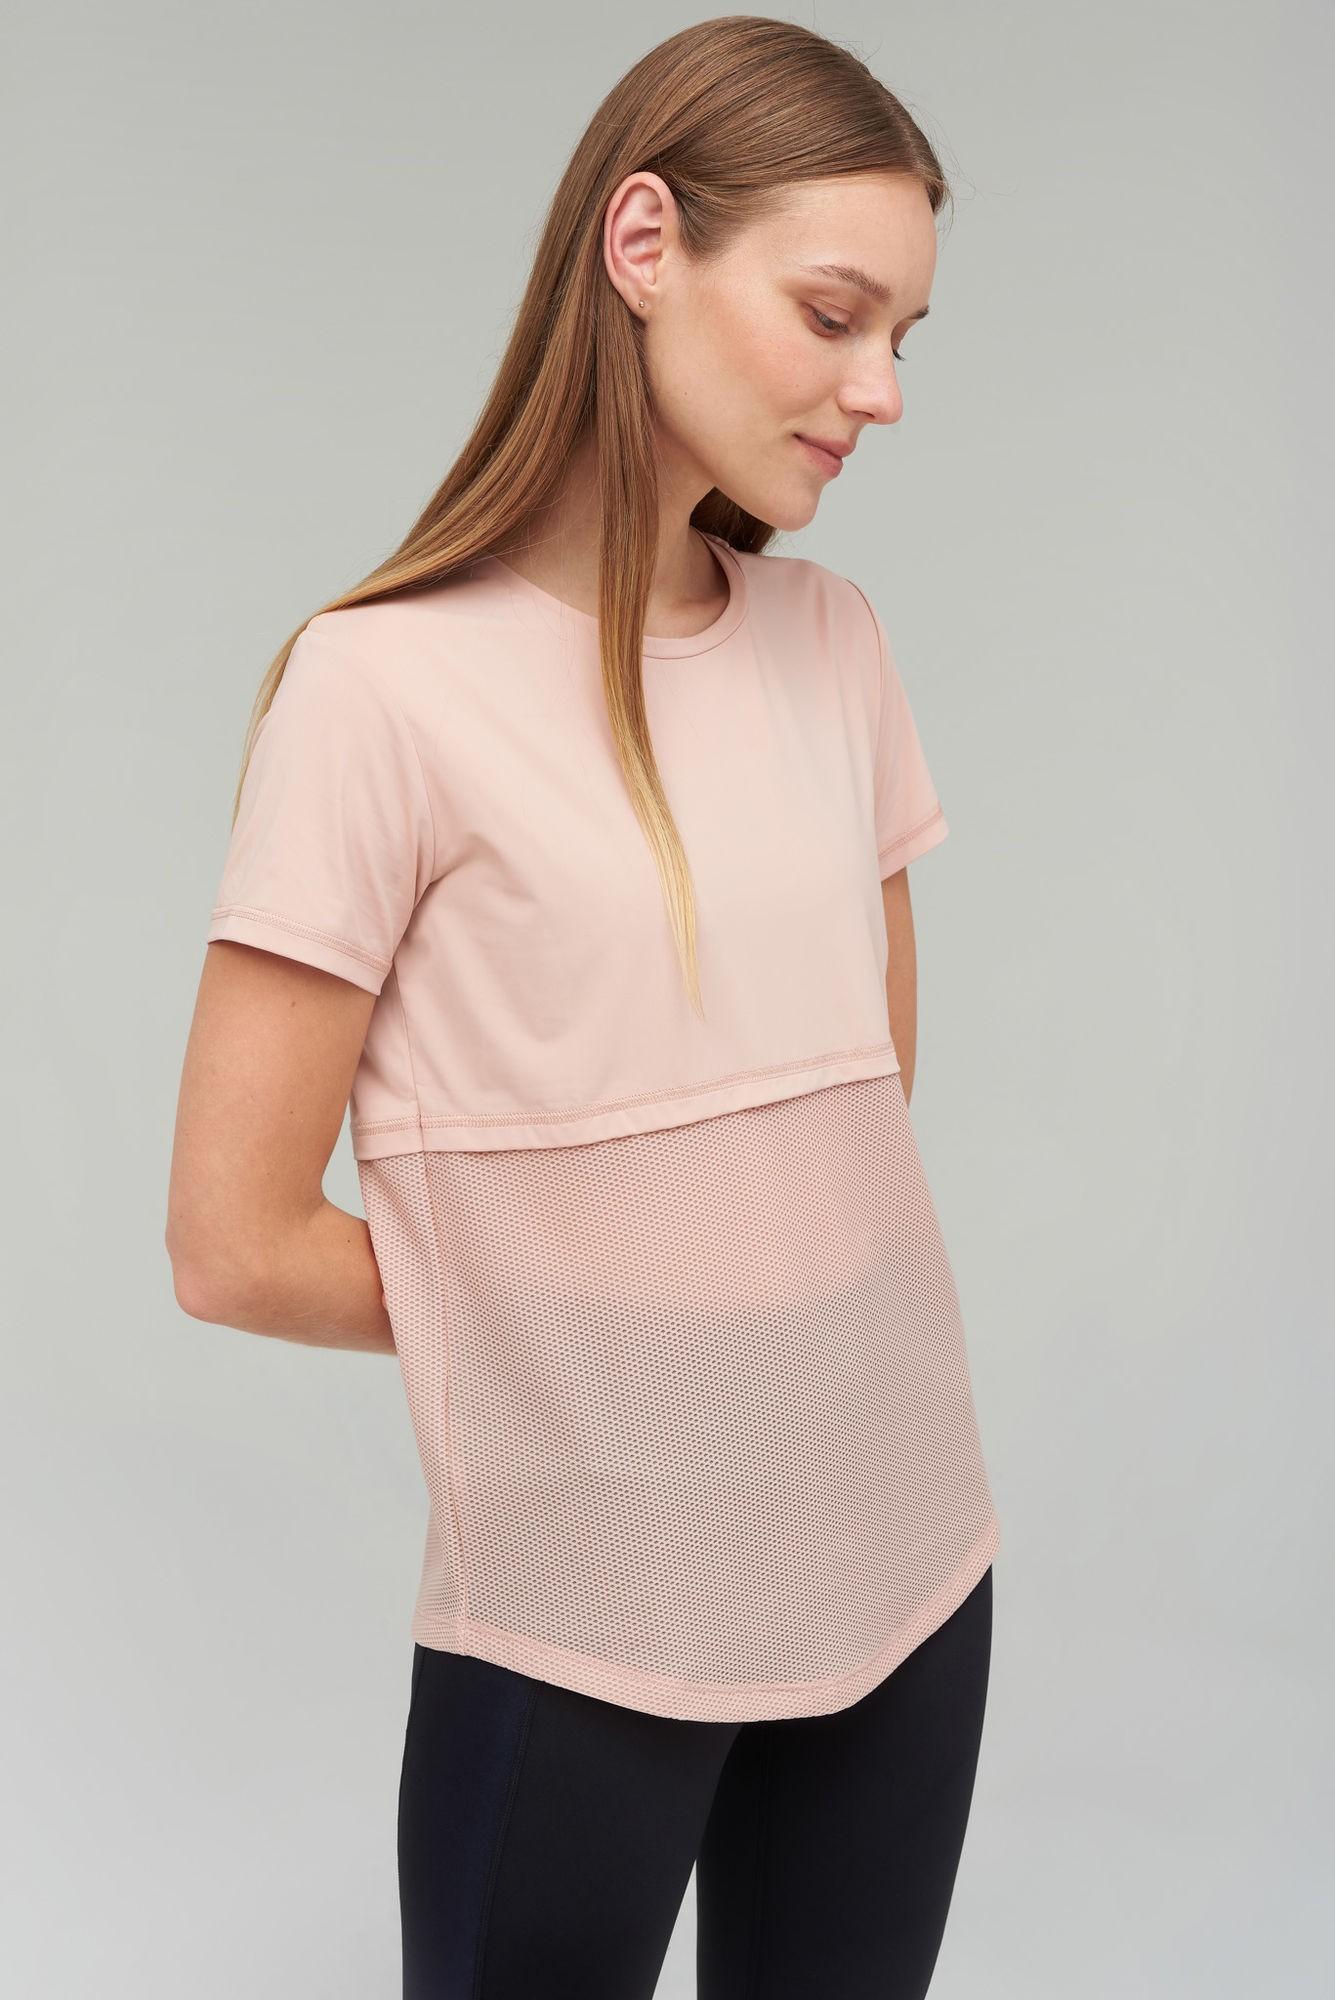 AUDIMAS Funkcionalūs marškinėliai 2021-185 Misty Rose XXL